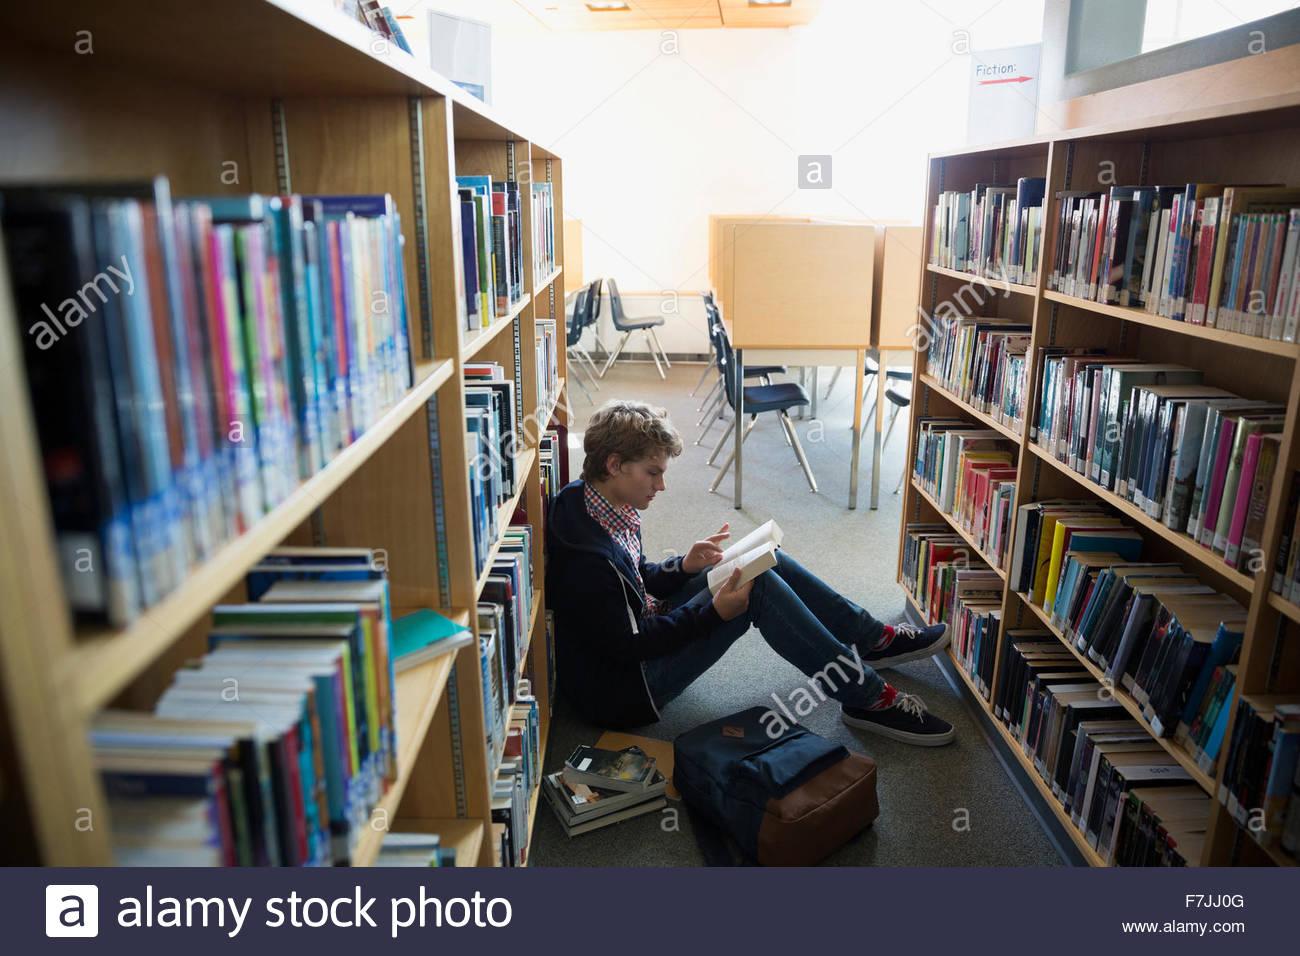 Studente di scuola superiore la lettura di un libro sul pavimento della libreria Immagini Stock